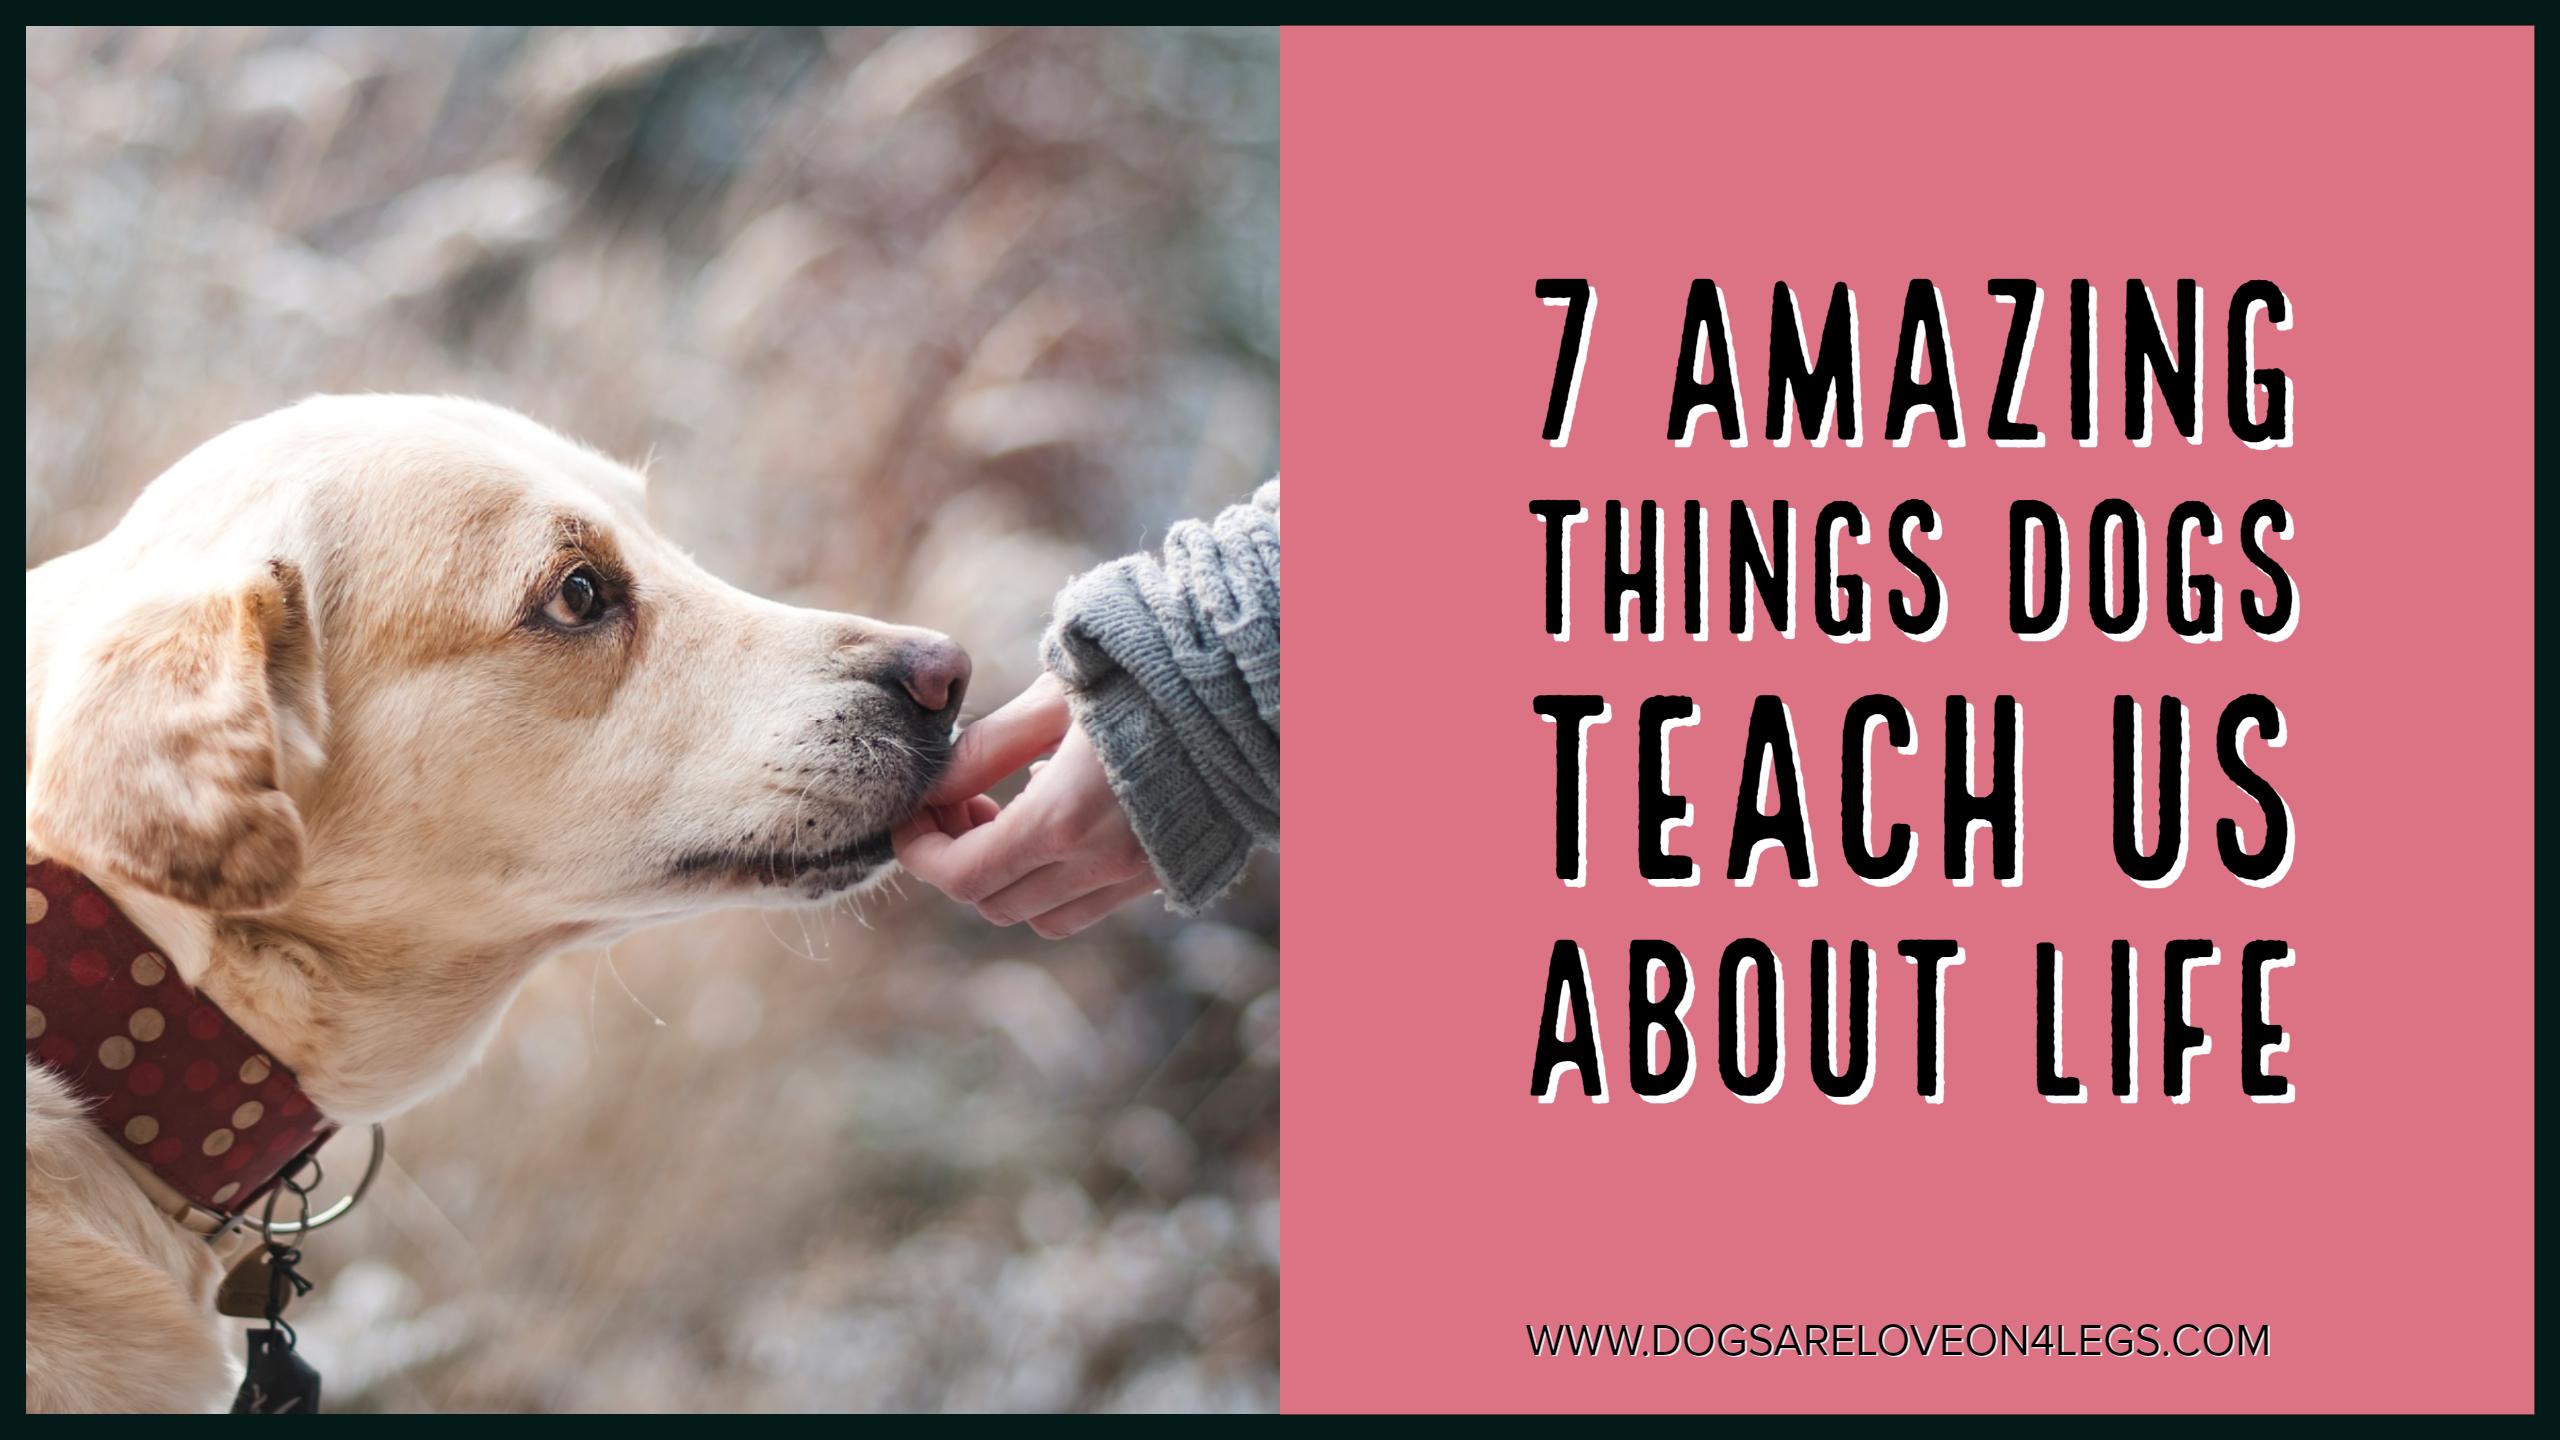 Best Dogs For Teachers